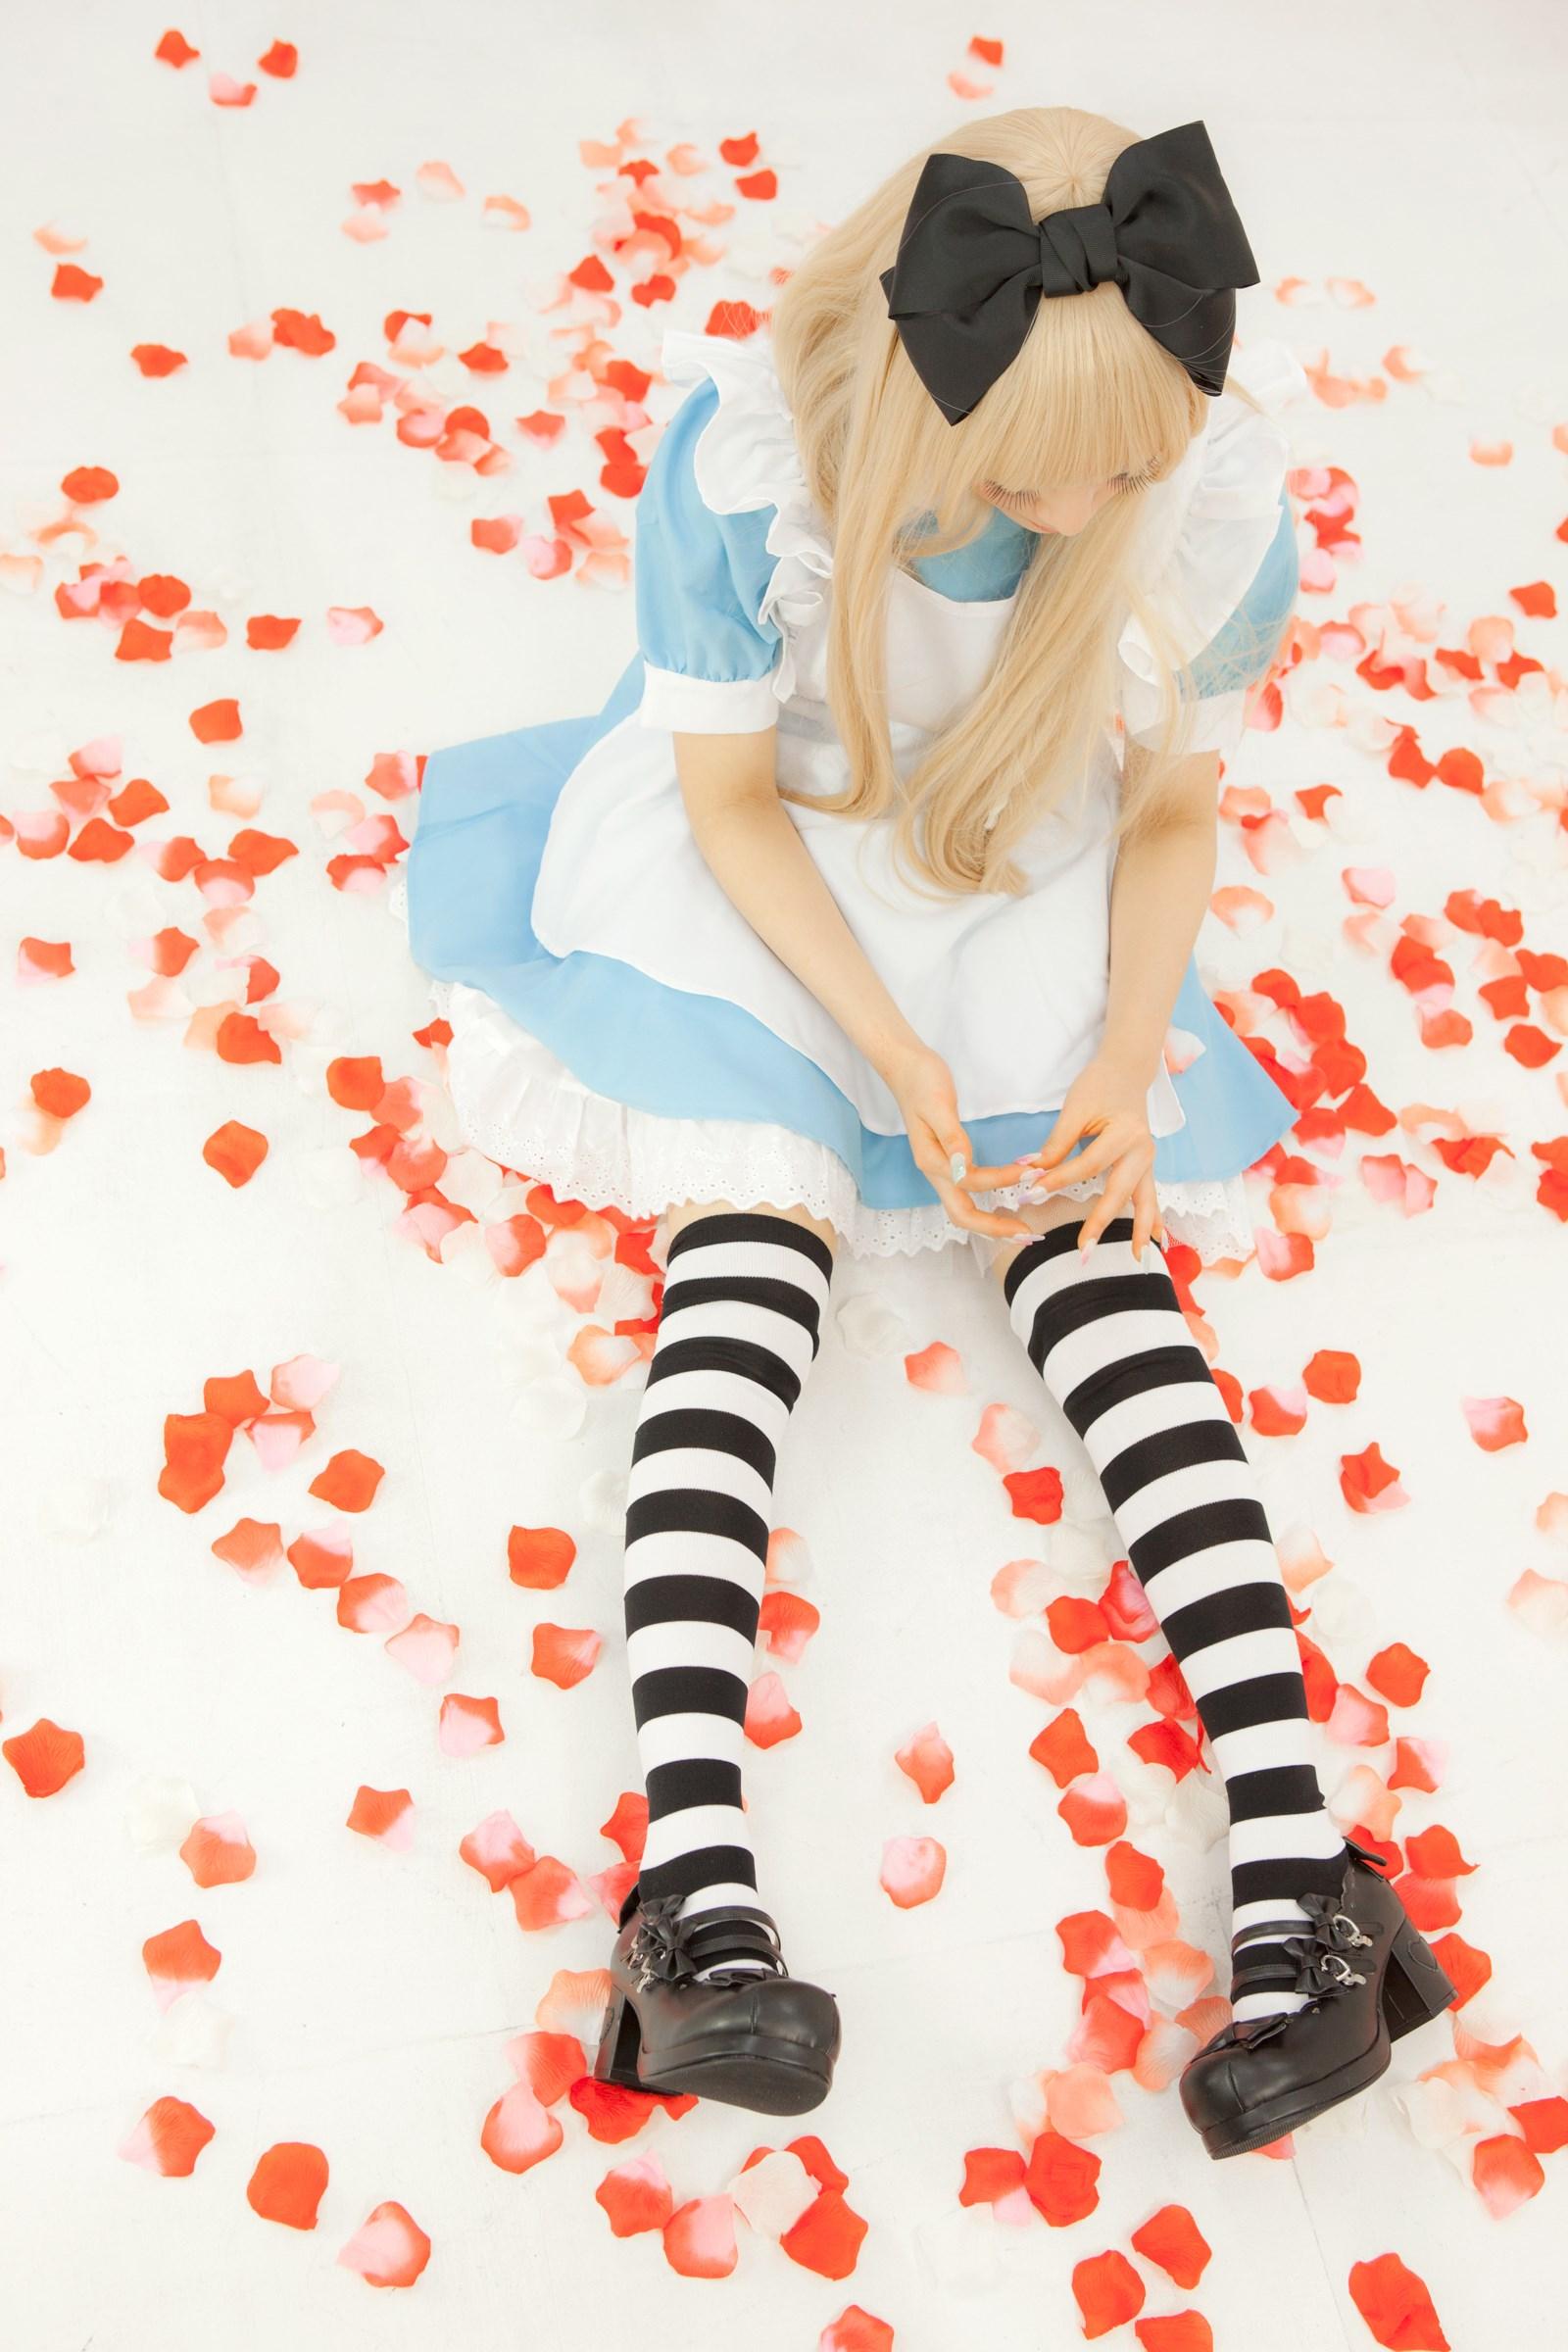 【兔玩映画】爱丽丝少女 兔玩映画 第16张